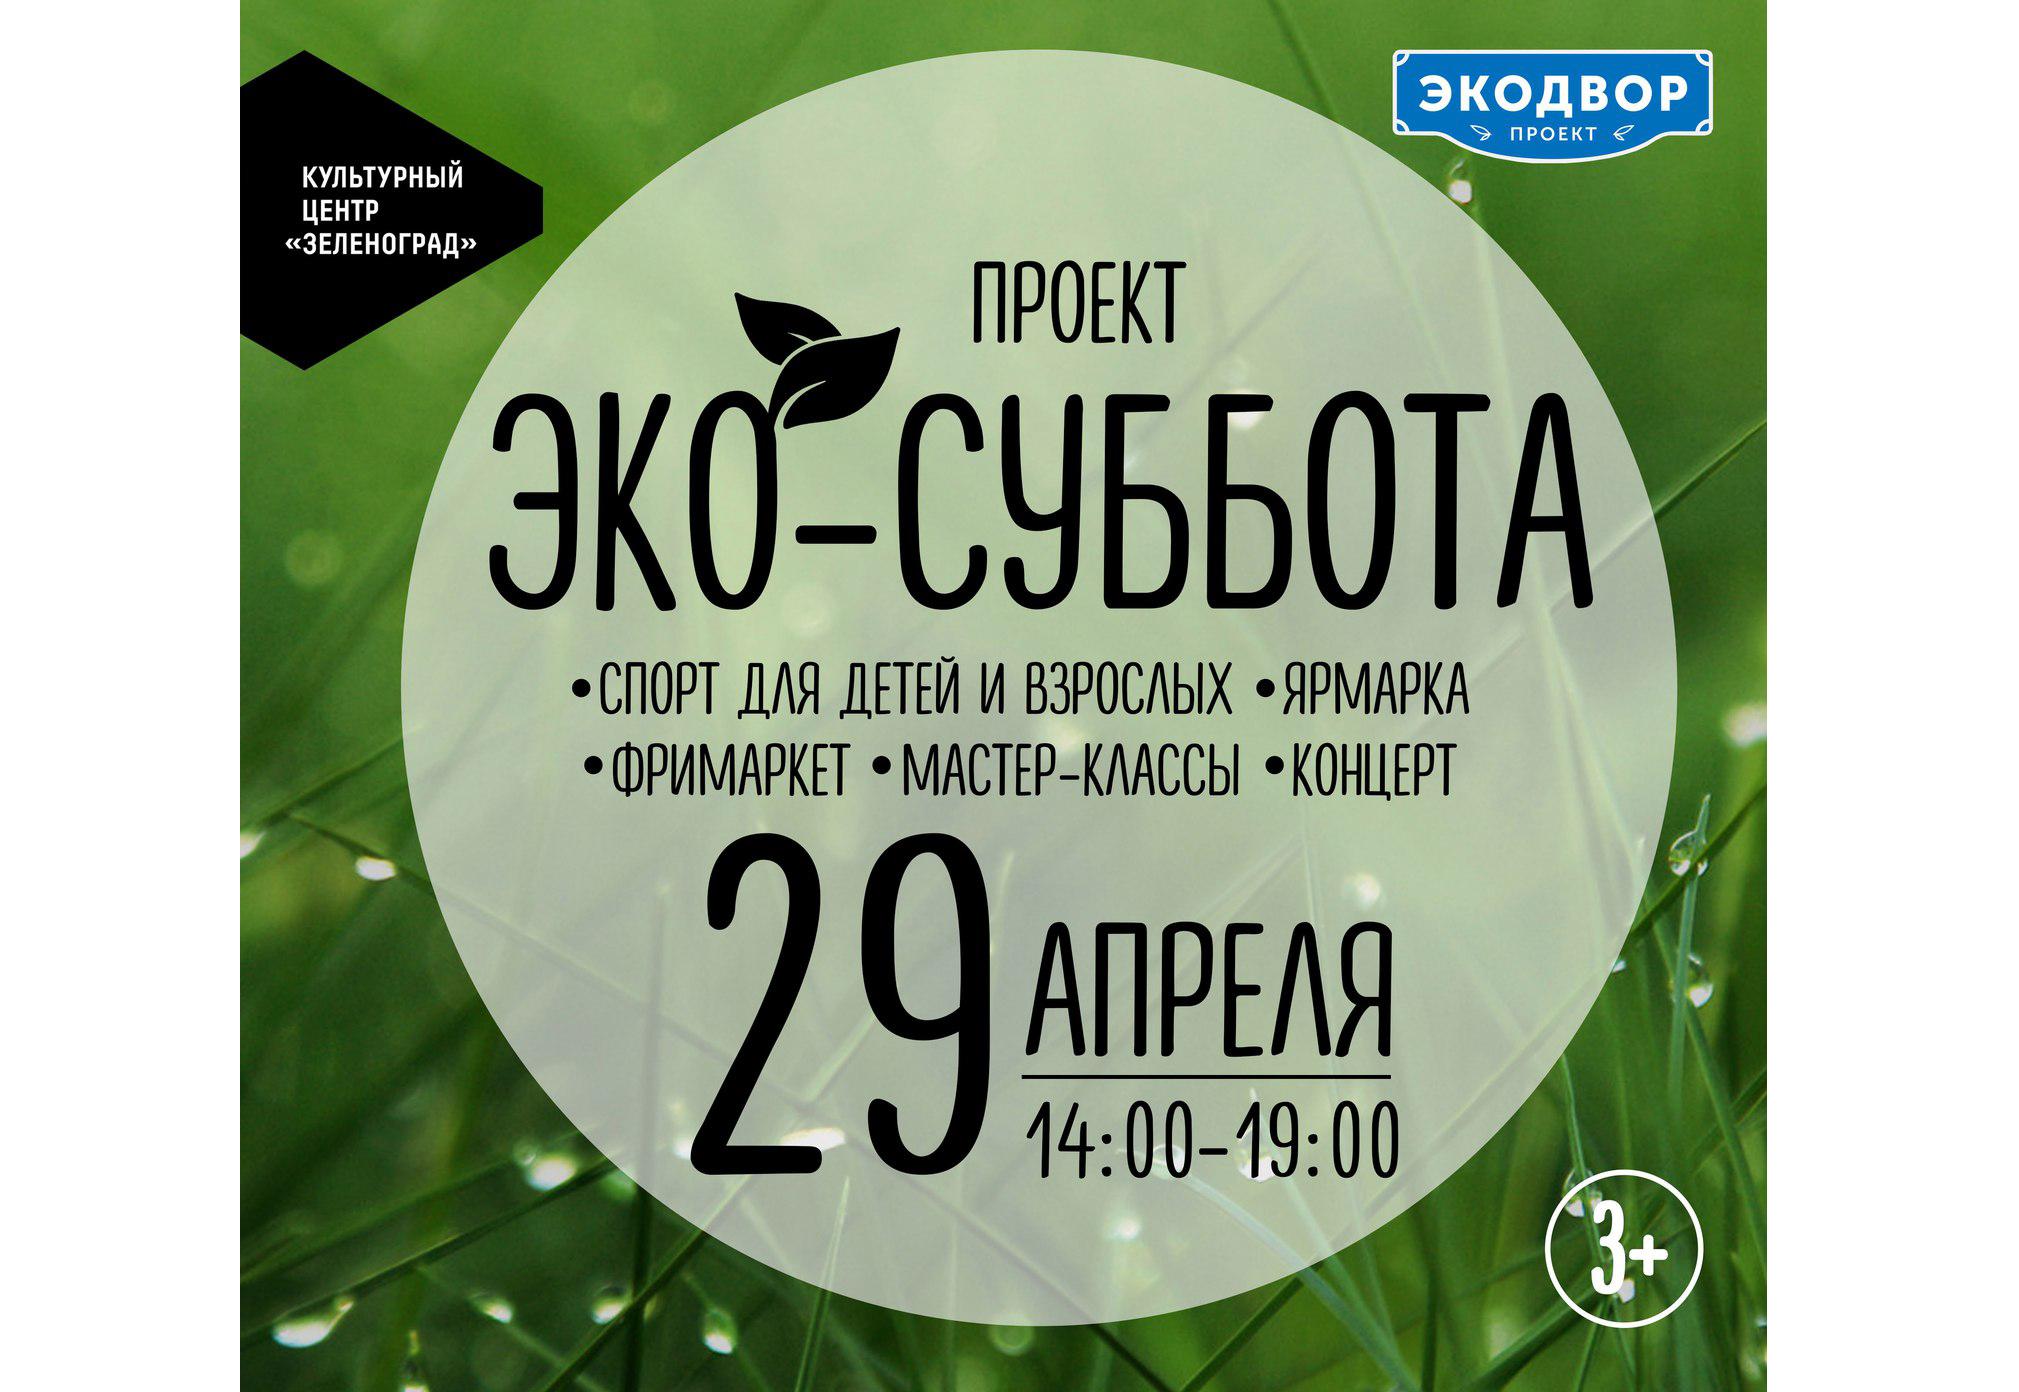 Отчет о собранных вещах на фестивале «Эко-Суббота»